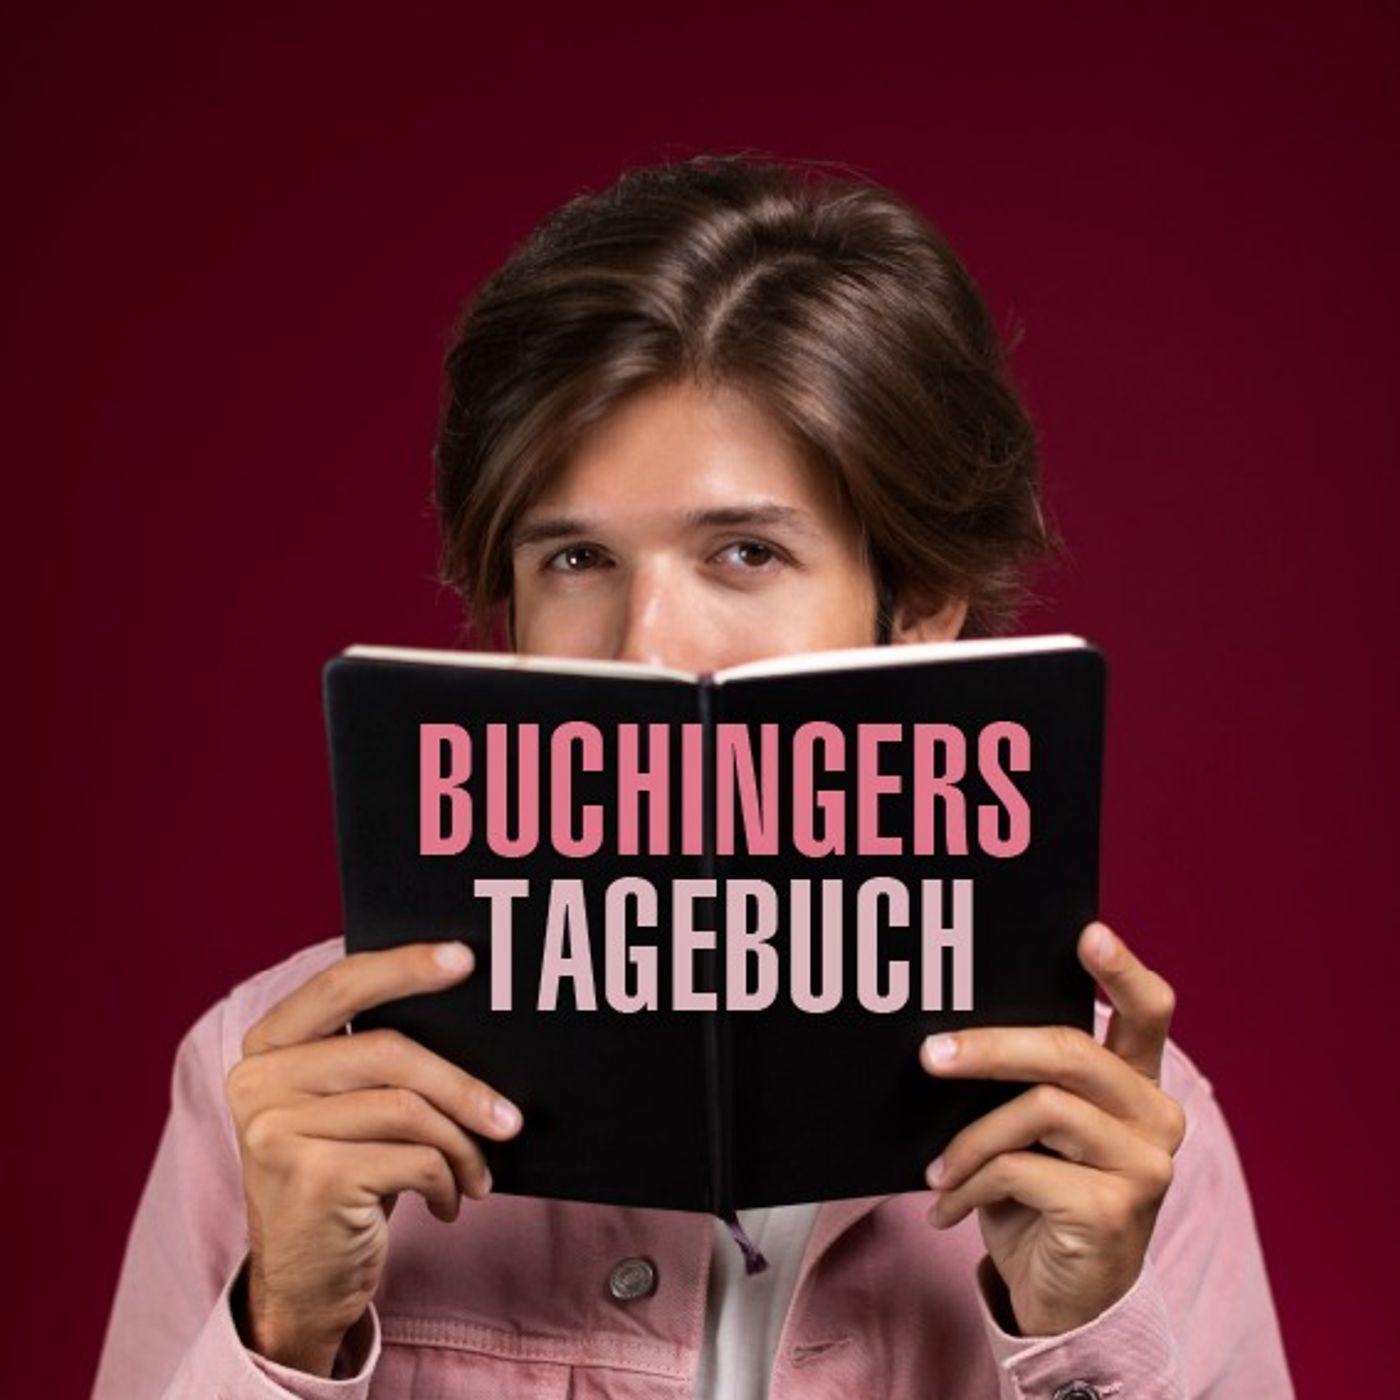 Mit freundlichen Füßen, Michi Buchinger